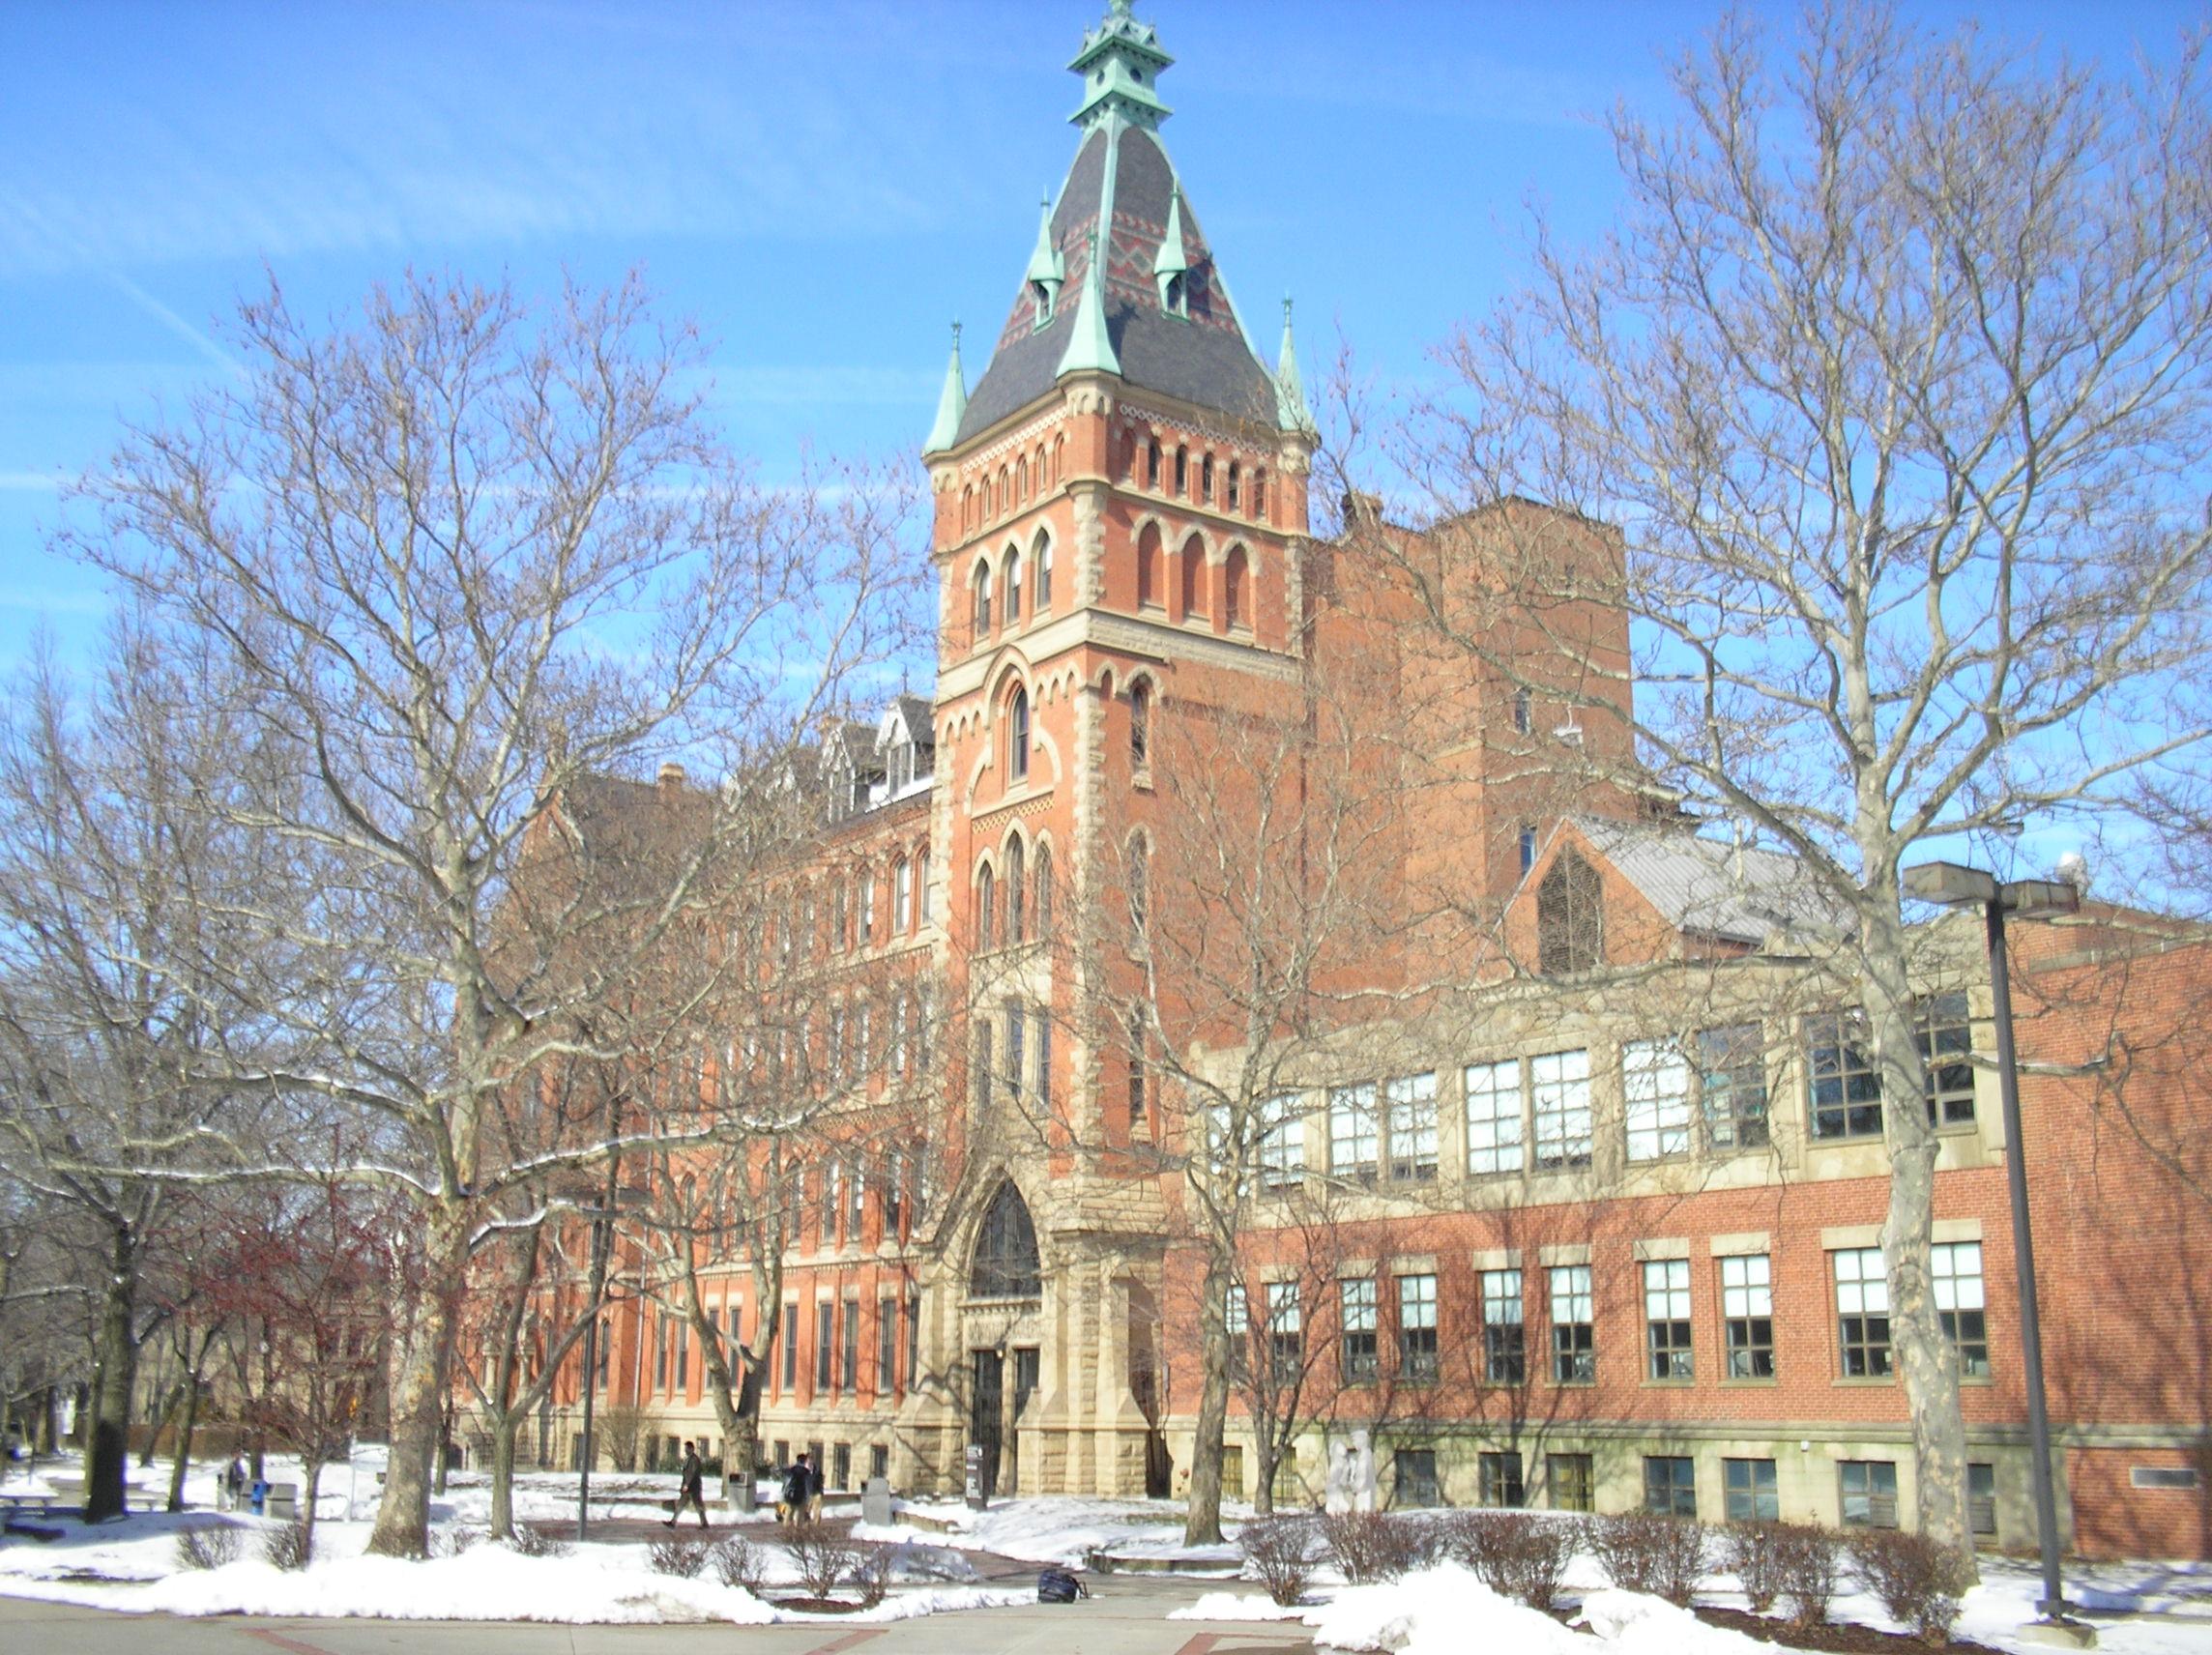 Chicago Public Schools Englewood Stem High School, by